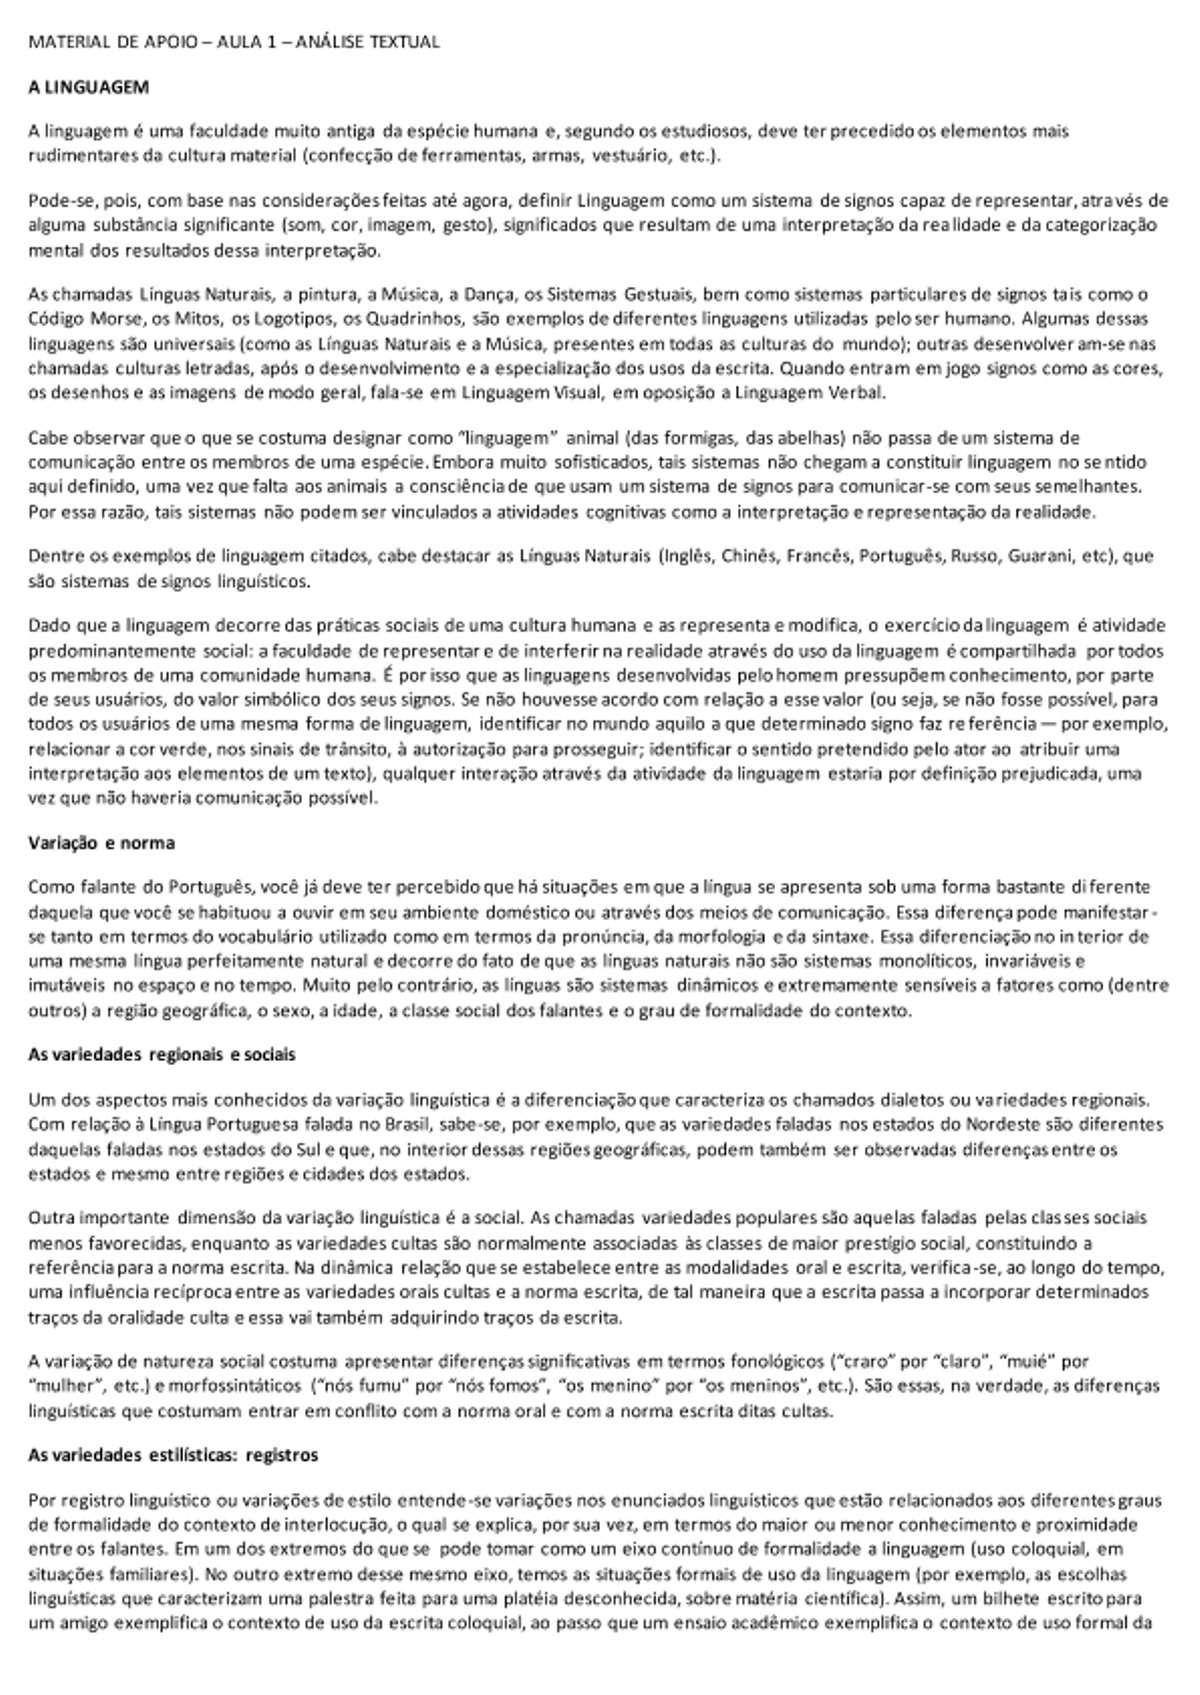 Pre-visualização do material Material de Apoio- Análise Textual - Aula 1 -  A LINGUAGEM - página 1